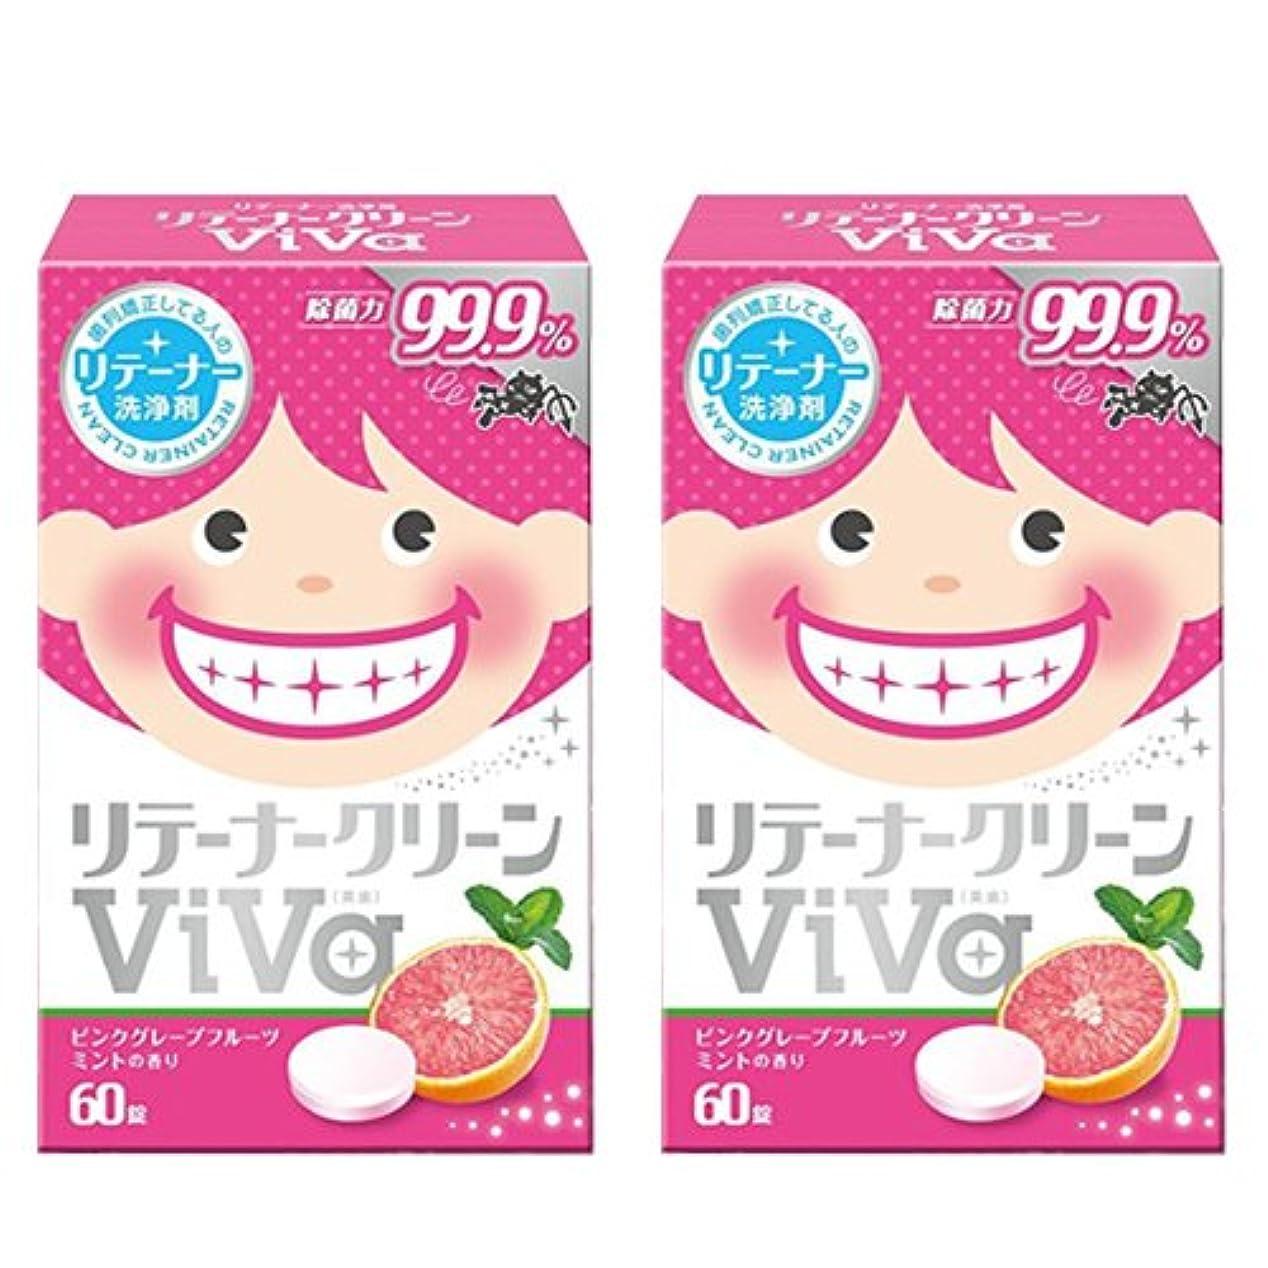 病院コア飼いならすリテーナークリーン ViVa 60錠 歯列矯正している人のリテーナー洗浄剤 (2箱)